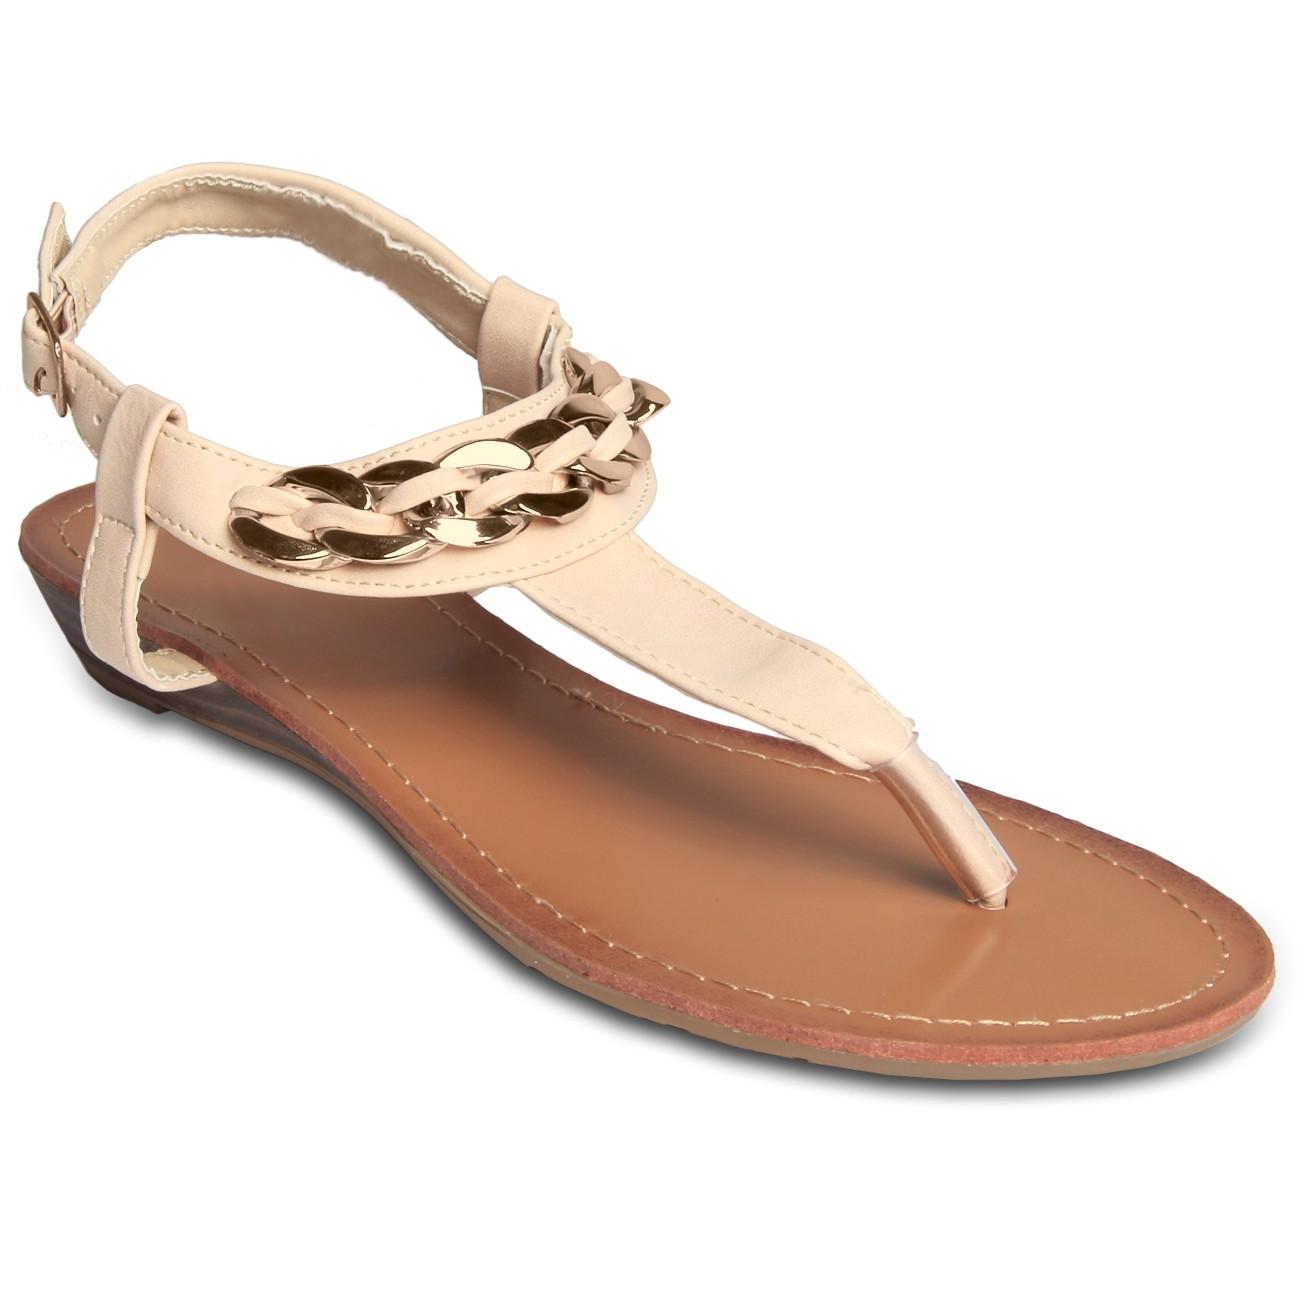 Zehentrenner-Sandalen Für Frauen UjNSDLdGH7